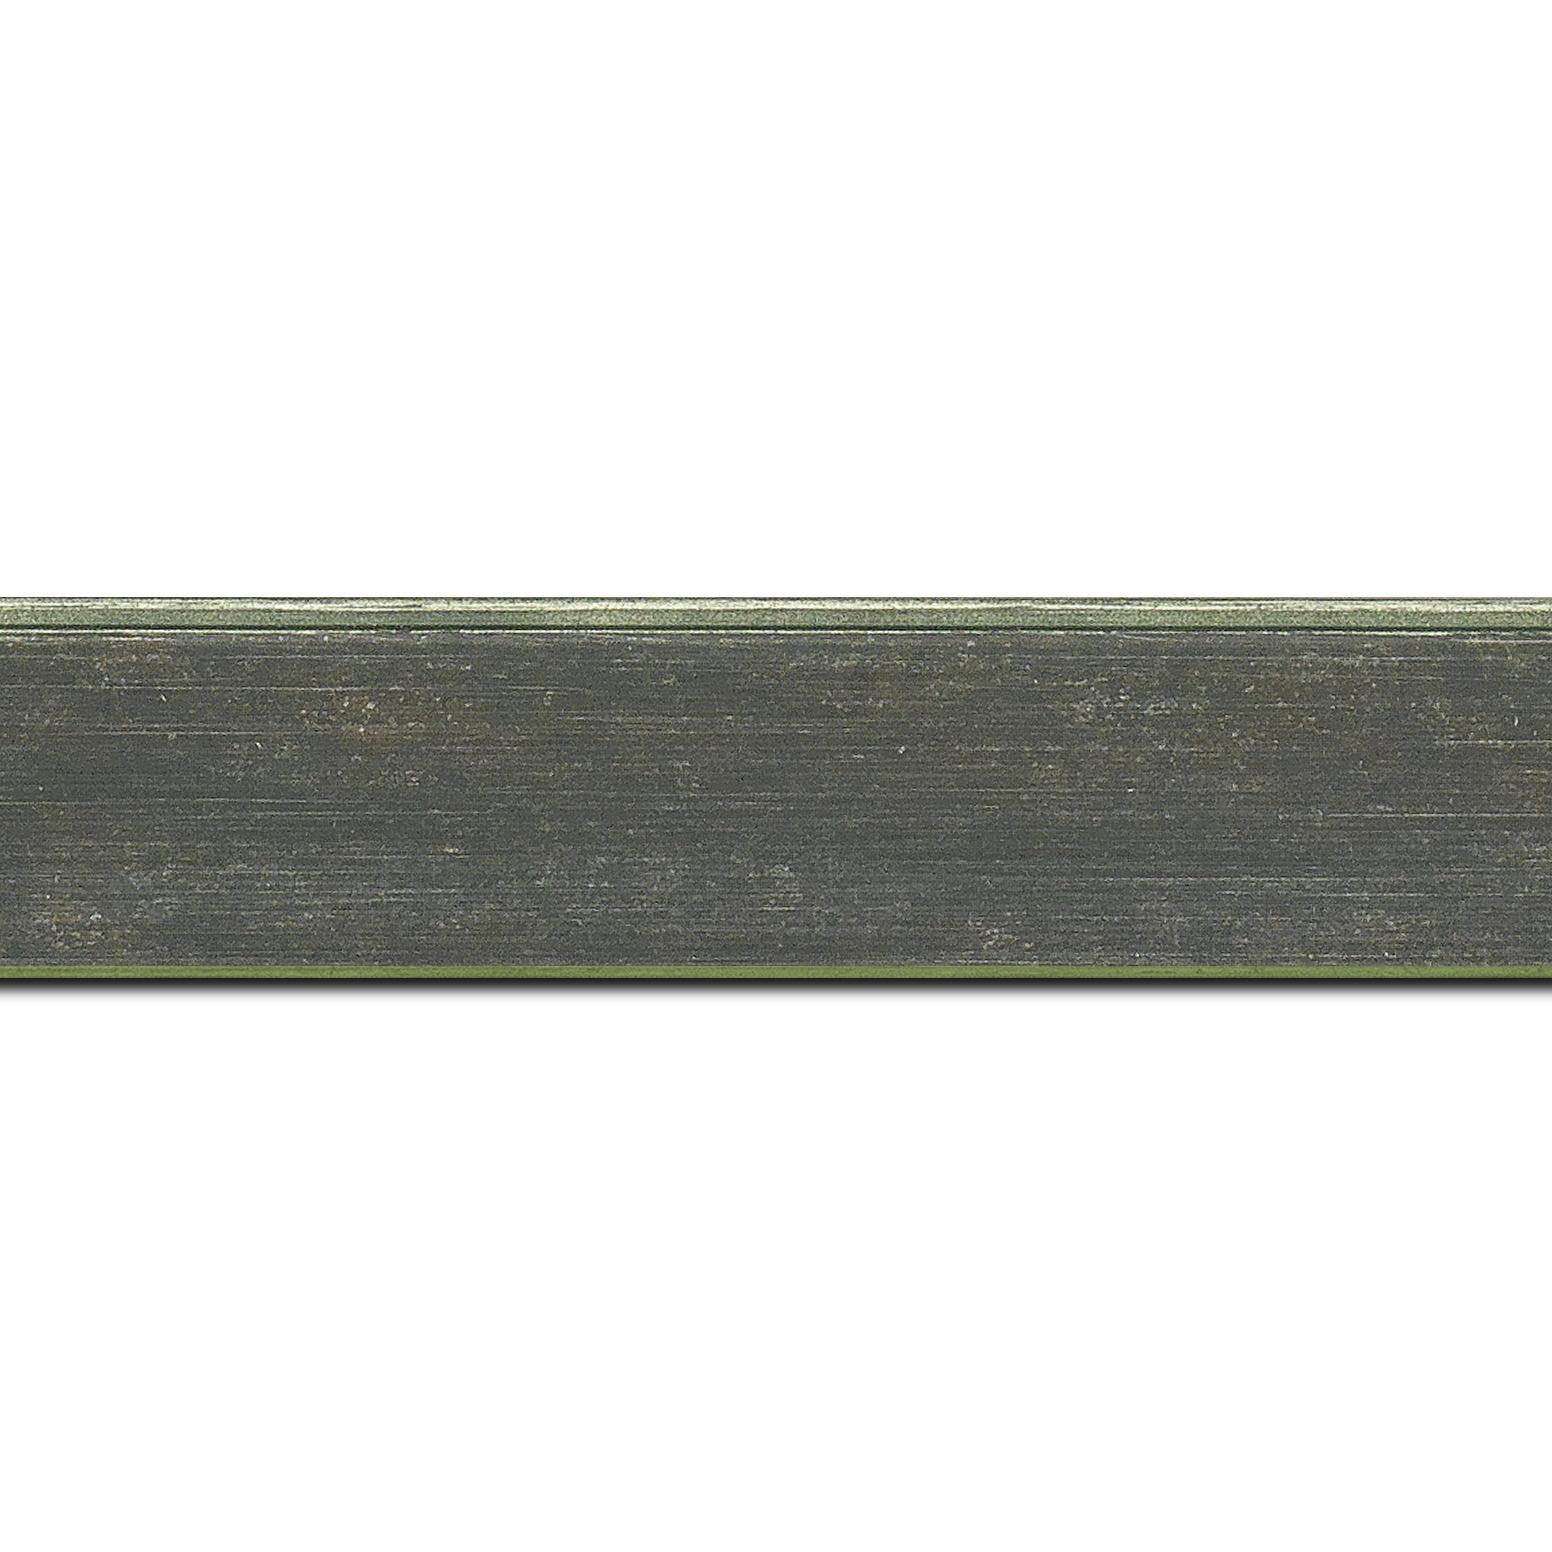 Pack par 12m, bois profil plat incliné largeur 3.7cm couleur vert foncé effet ressuyé (longueur baguette pouvant varier entre 2.40m et 3m selon arrivage des bois)